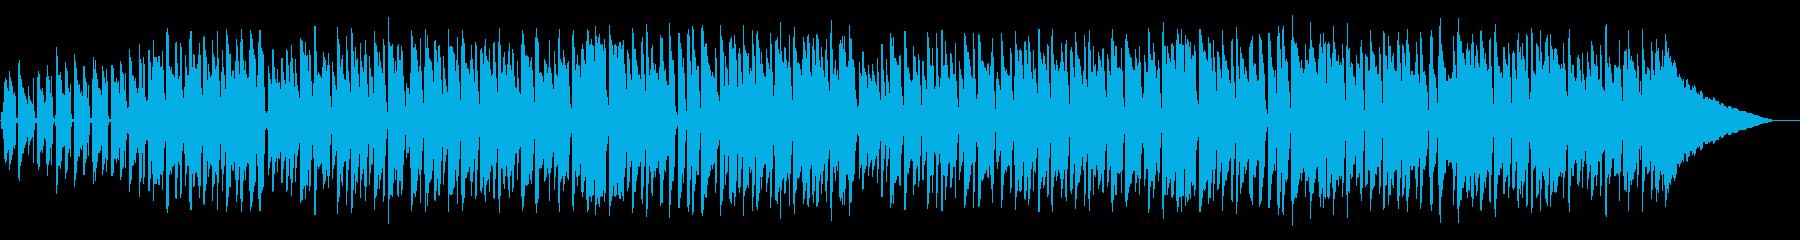 軽快なウクレレミュージックの再生済みの波形